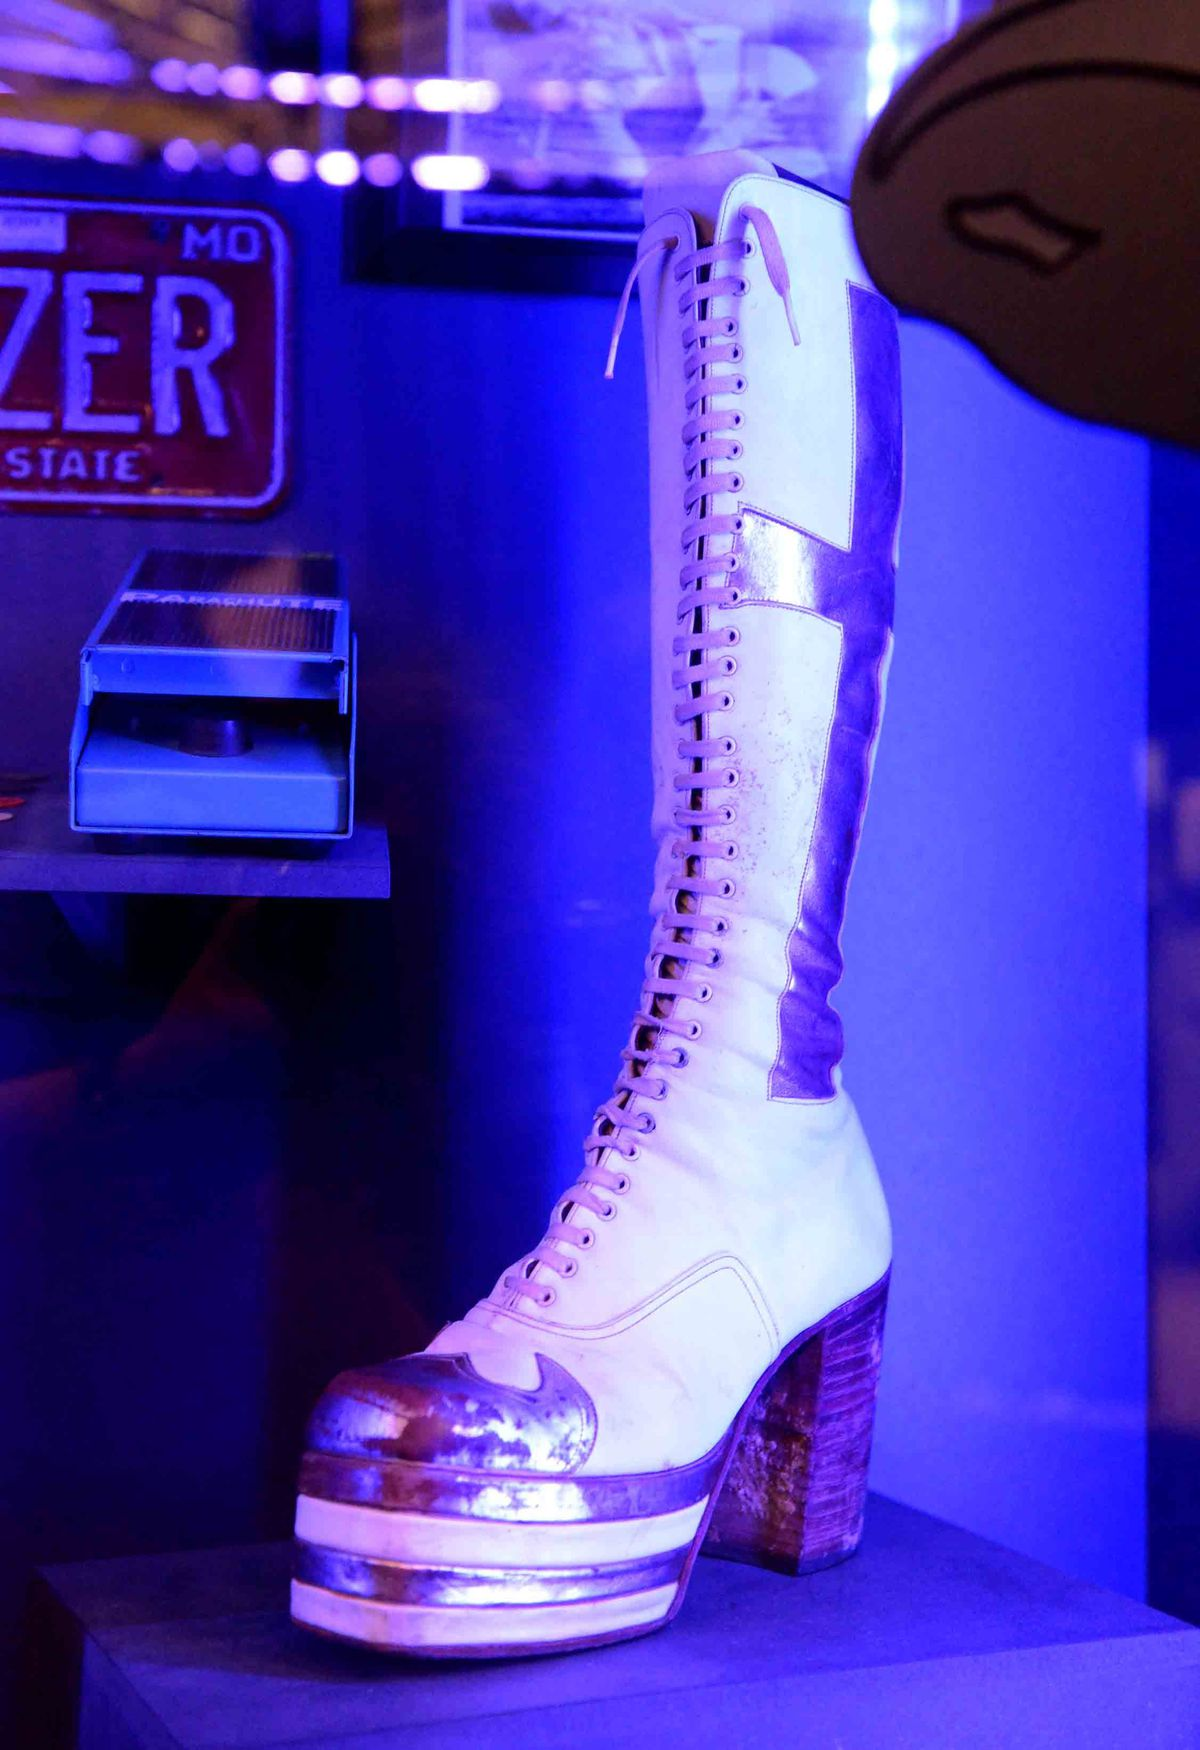 Geezer's stage wear